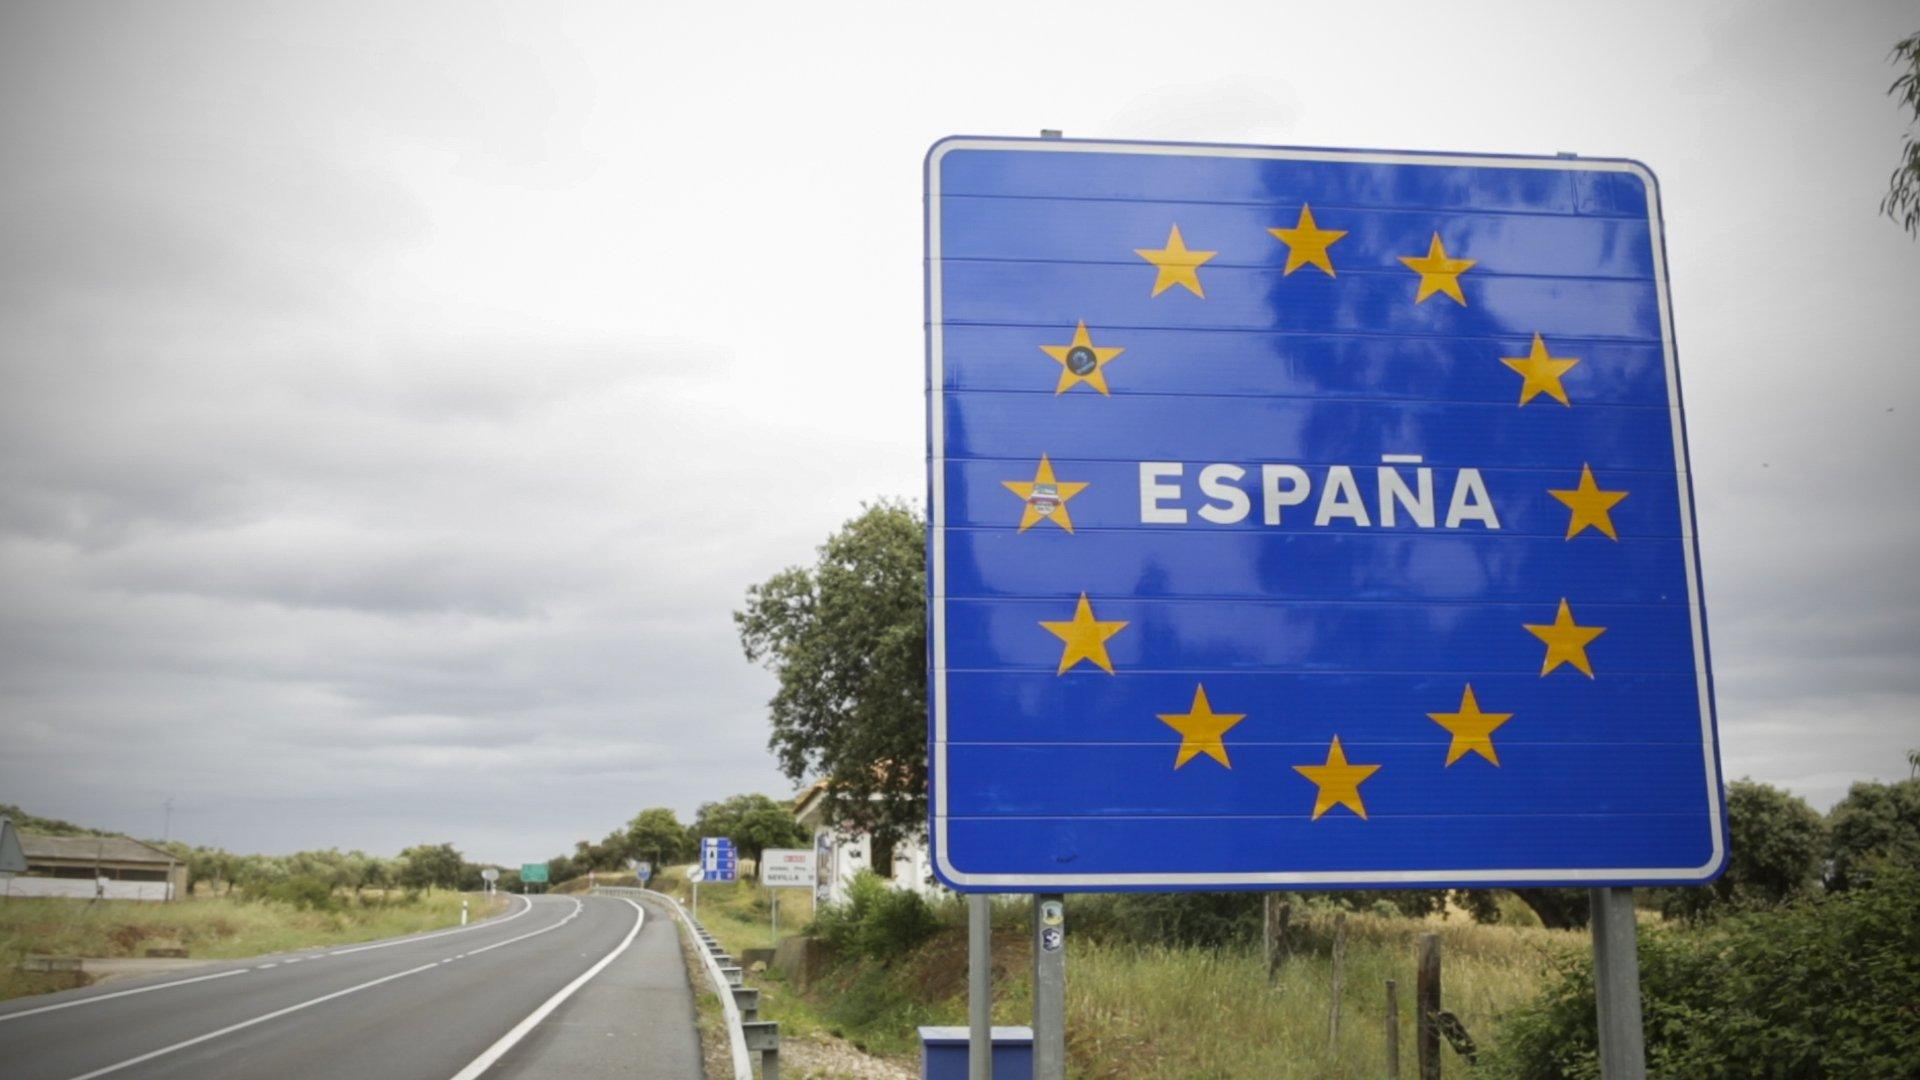 COVID 19 Przekraczanie granicy Portgualia Hiszpania portugalsko hiszpańskiej w czasach wirusa restrykcje informacje prawo.jpg